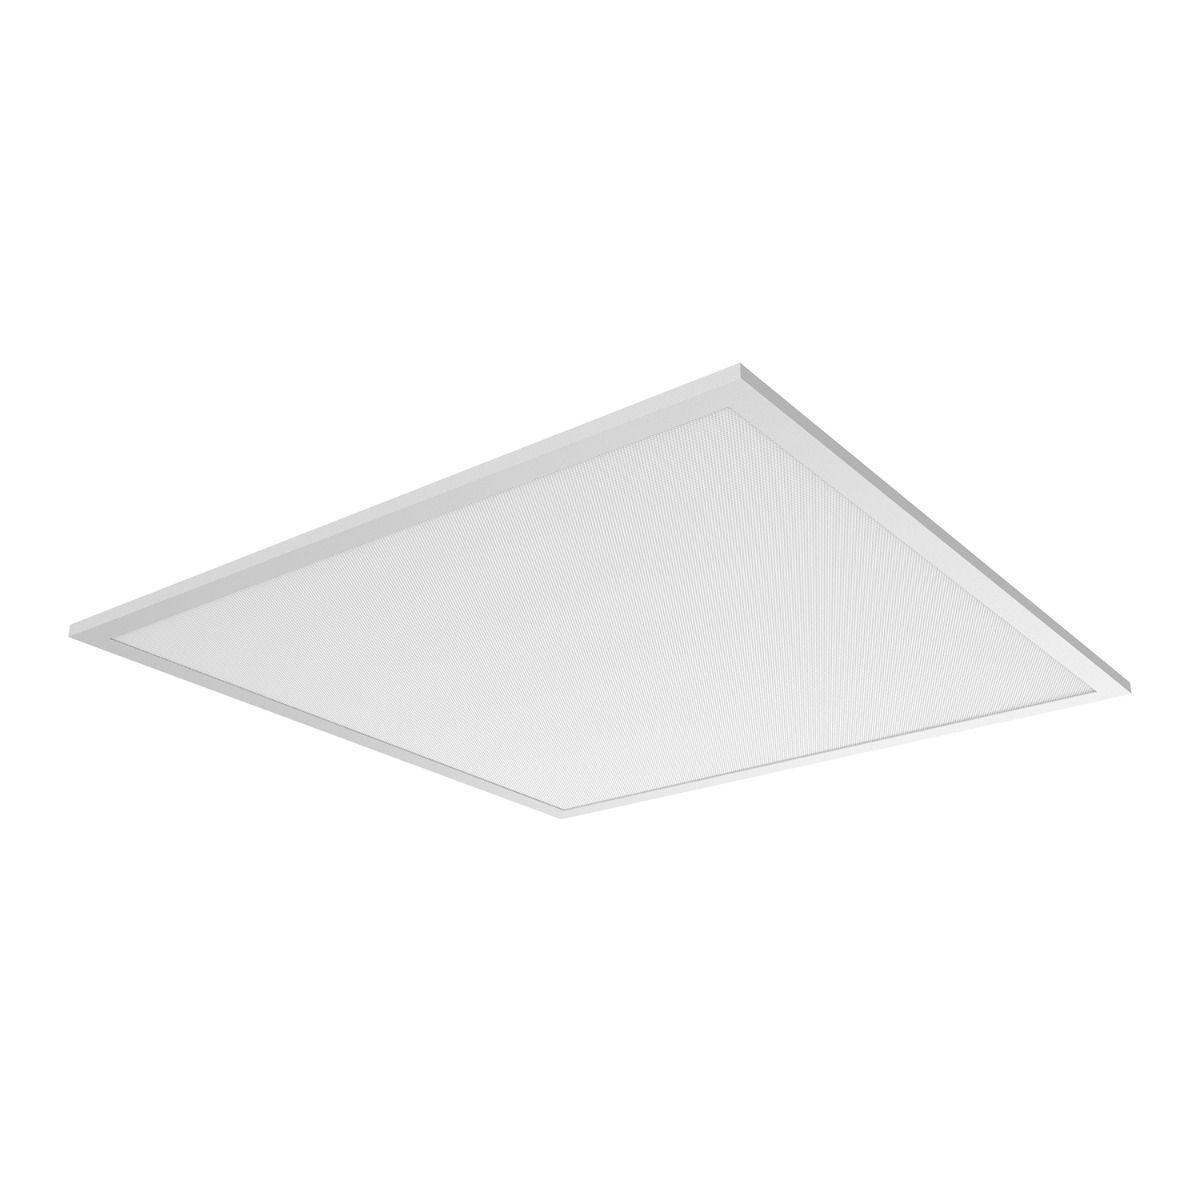 Noxion LED Paneel Delta Pro V3 Highlum DALI 36W 3000K 5225lm 60x60cm UGR <19 | Warm Wit - Vervangt 4x18W